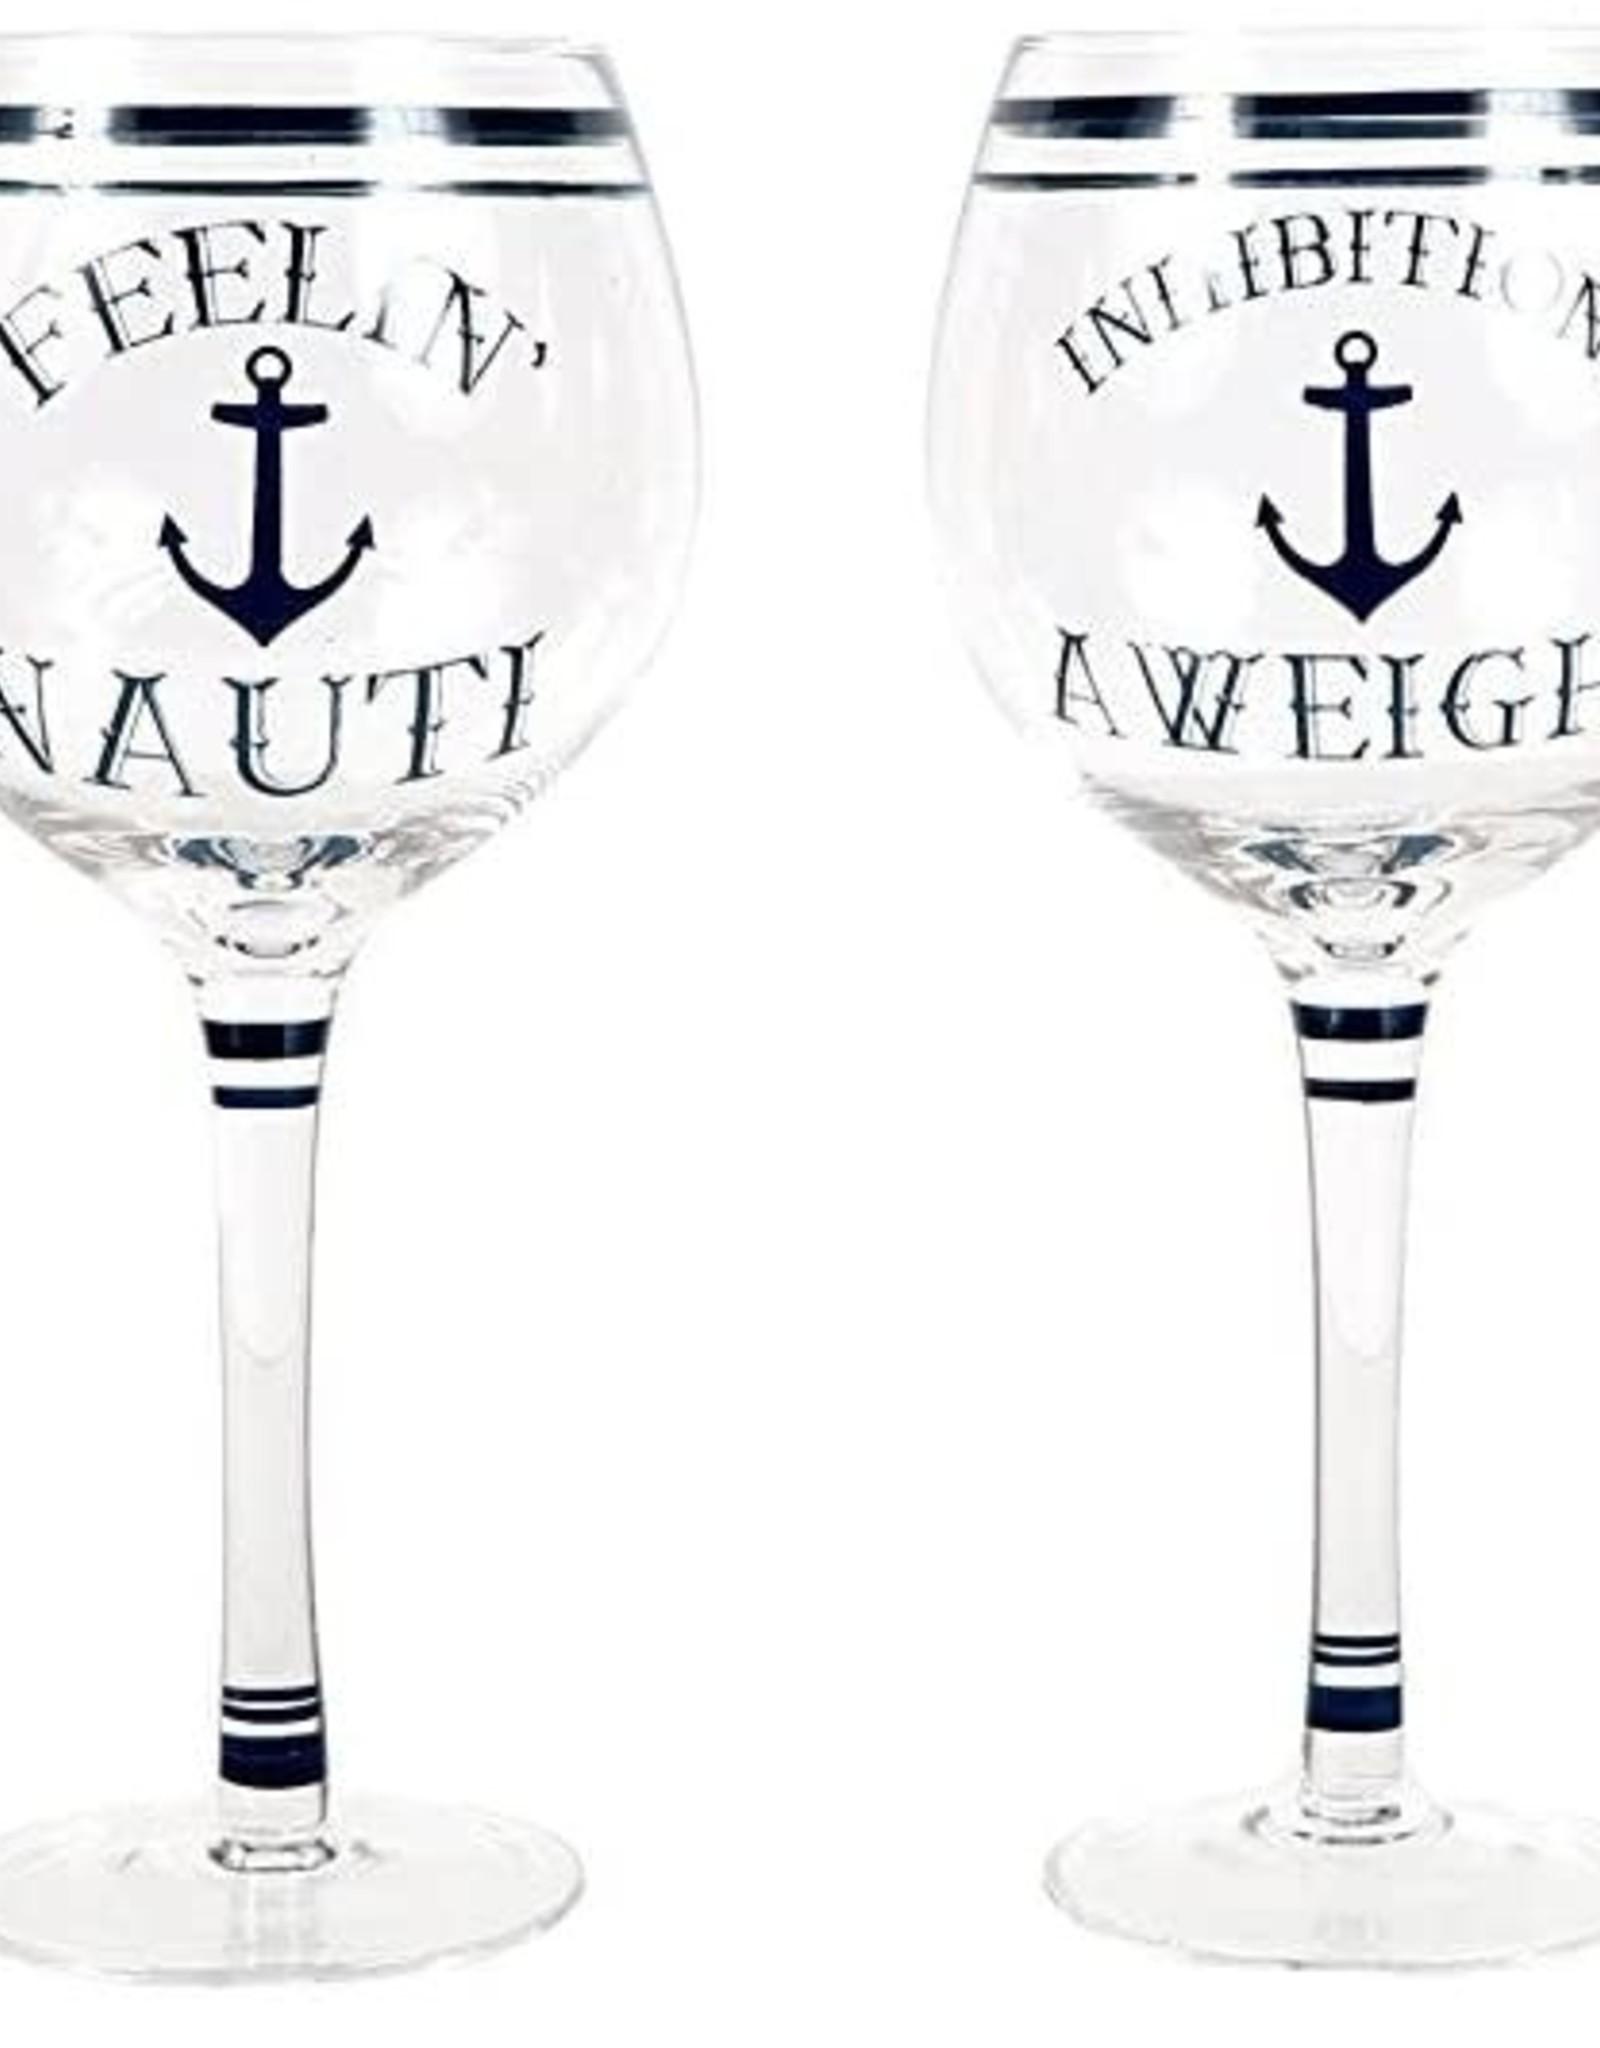 dei Nauti Sayings Wine Glass